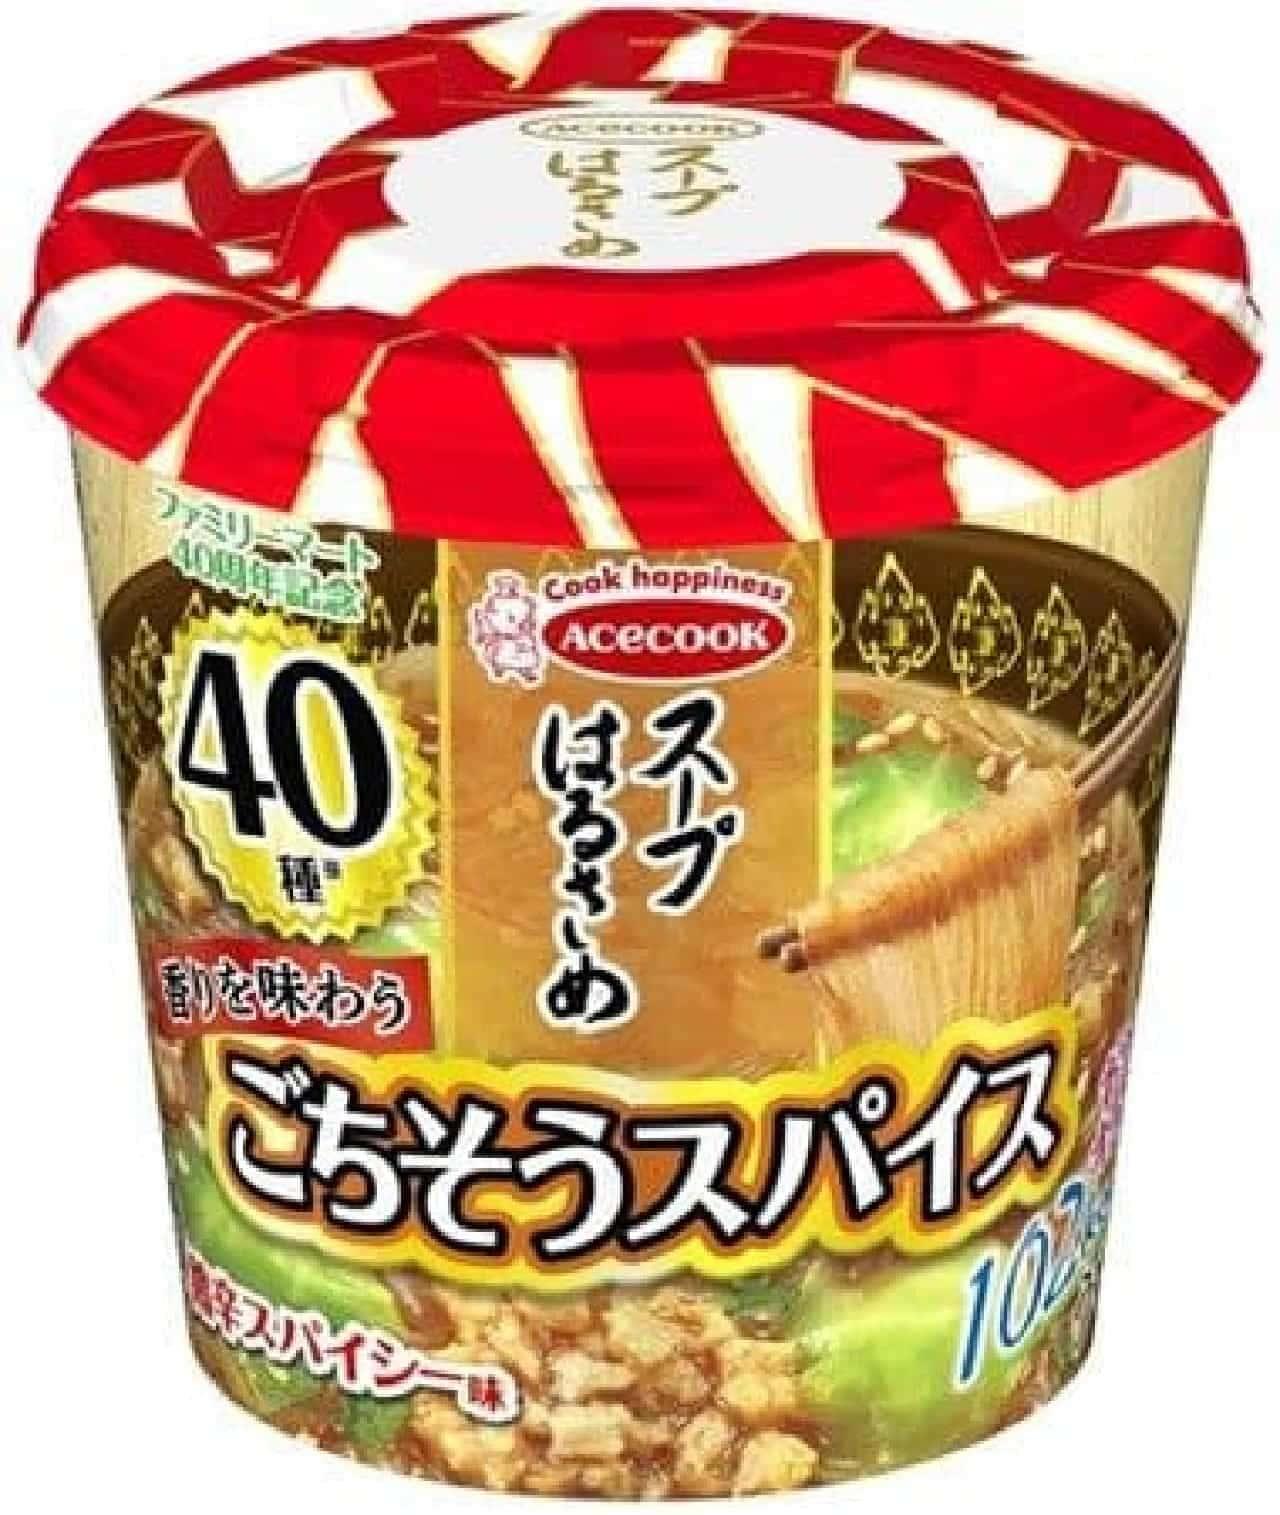 ファミリーマート「スープはるさめ 40種 香りを味わうごちそうスパイス」